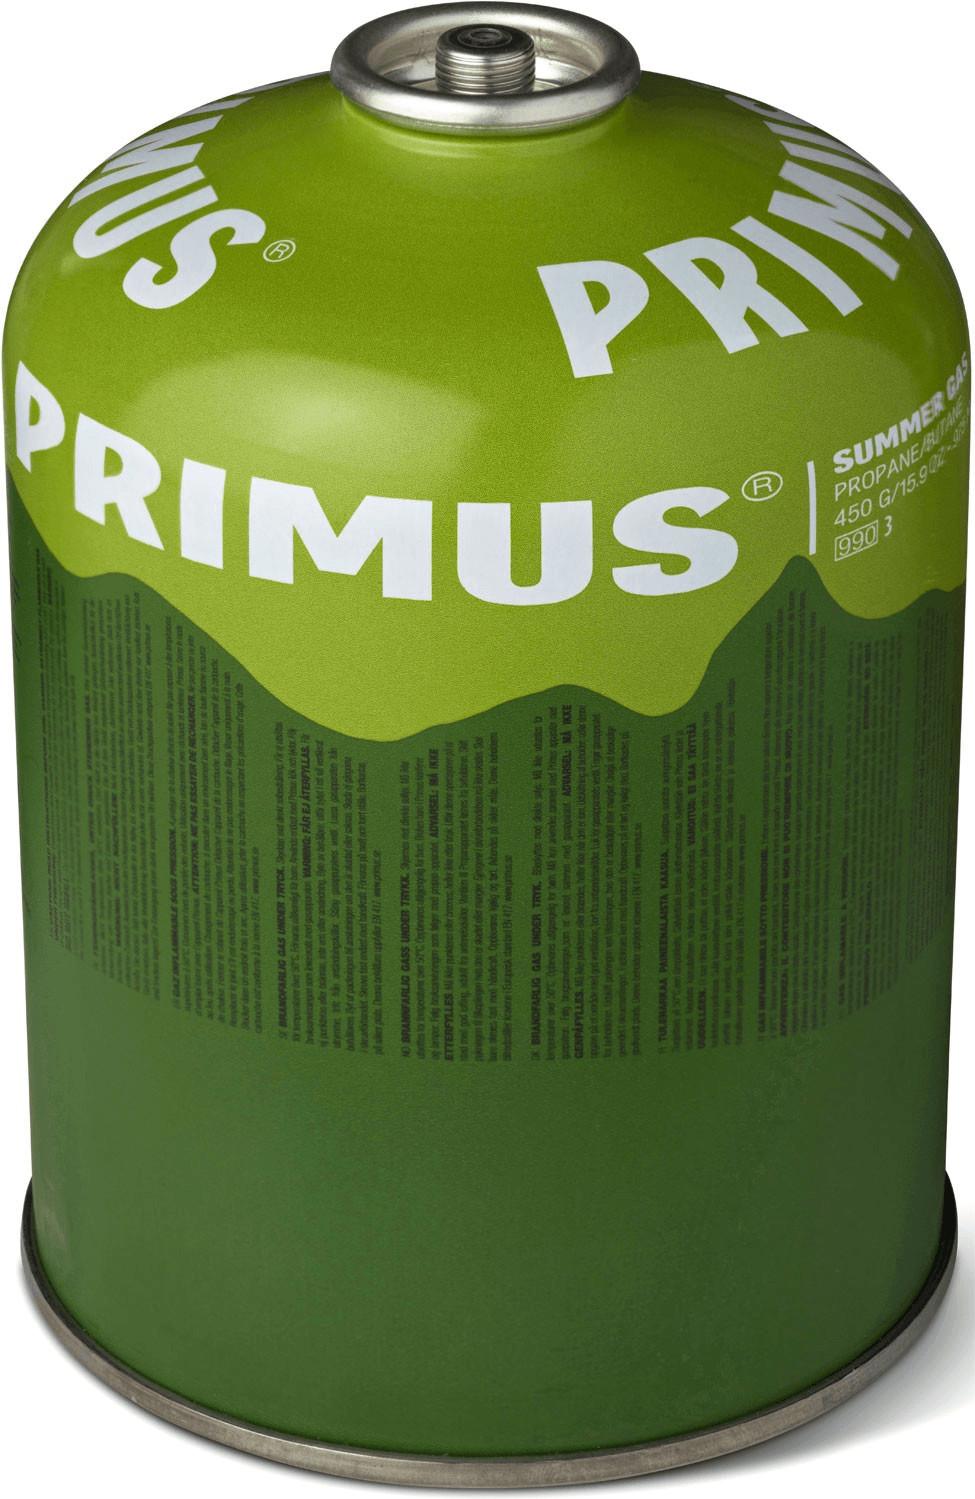 Primus Summer Gas 450 g